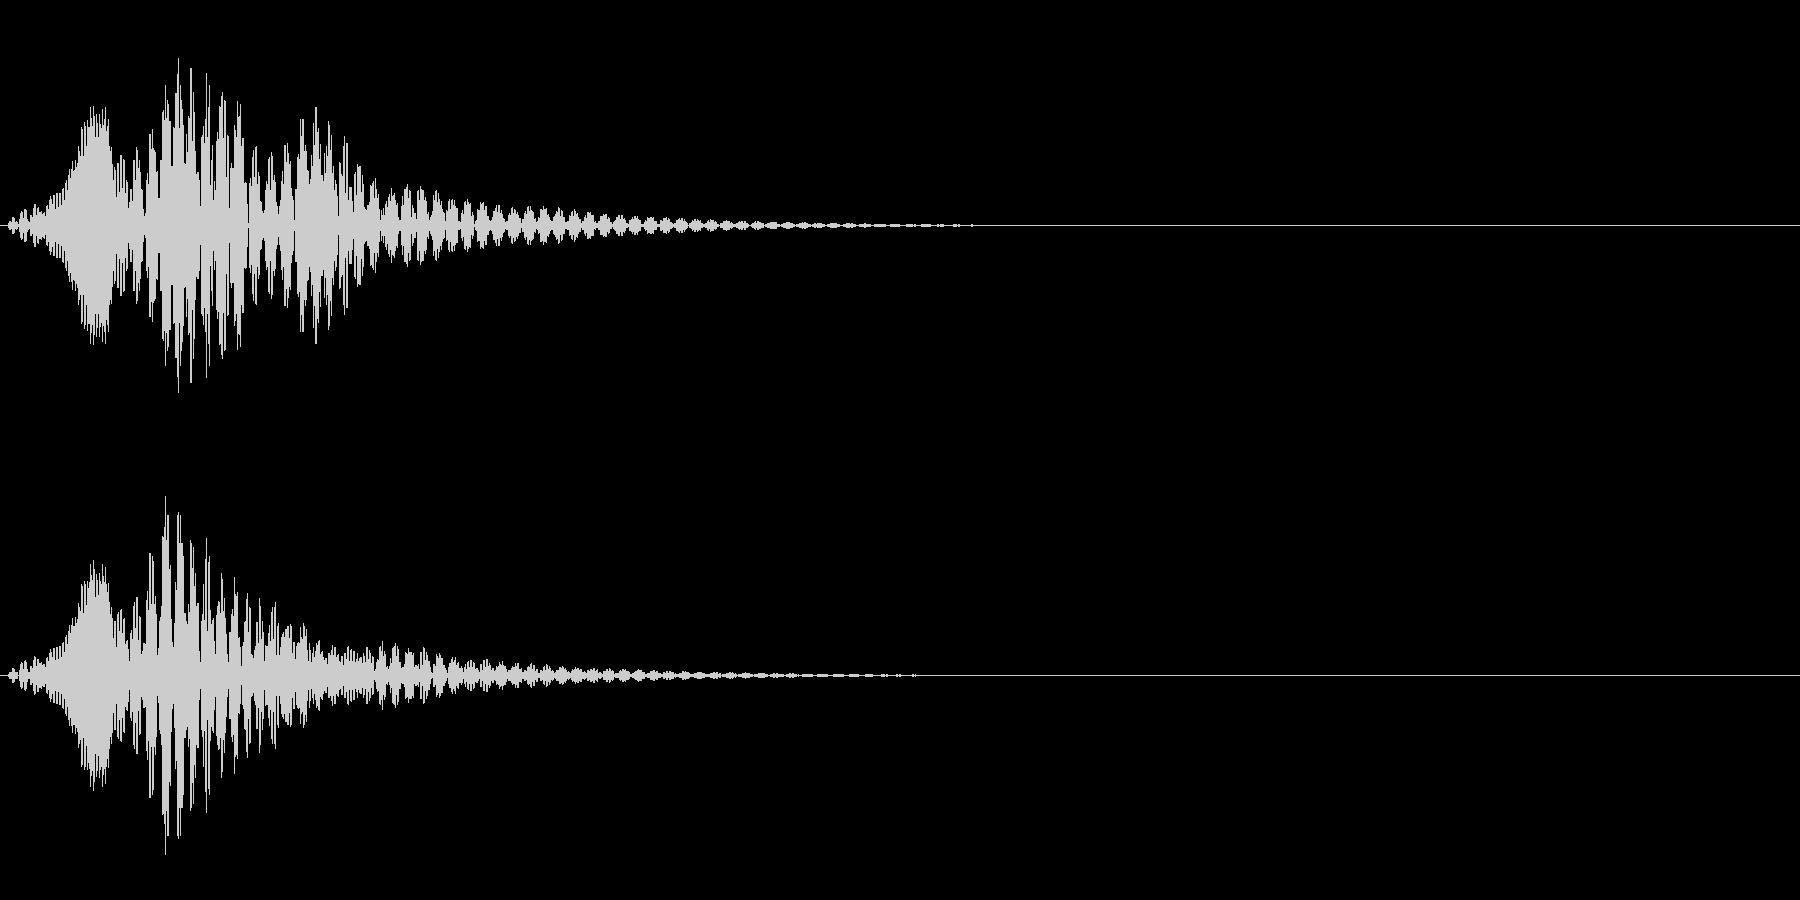 ボワン(状態異常回復・アイテム使用の音)の未再生の波形